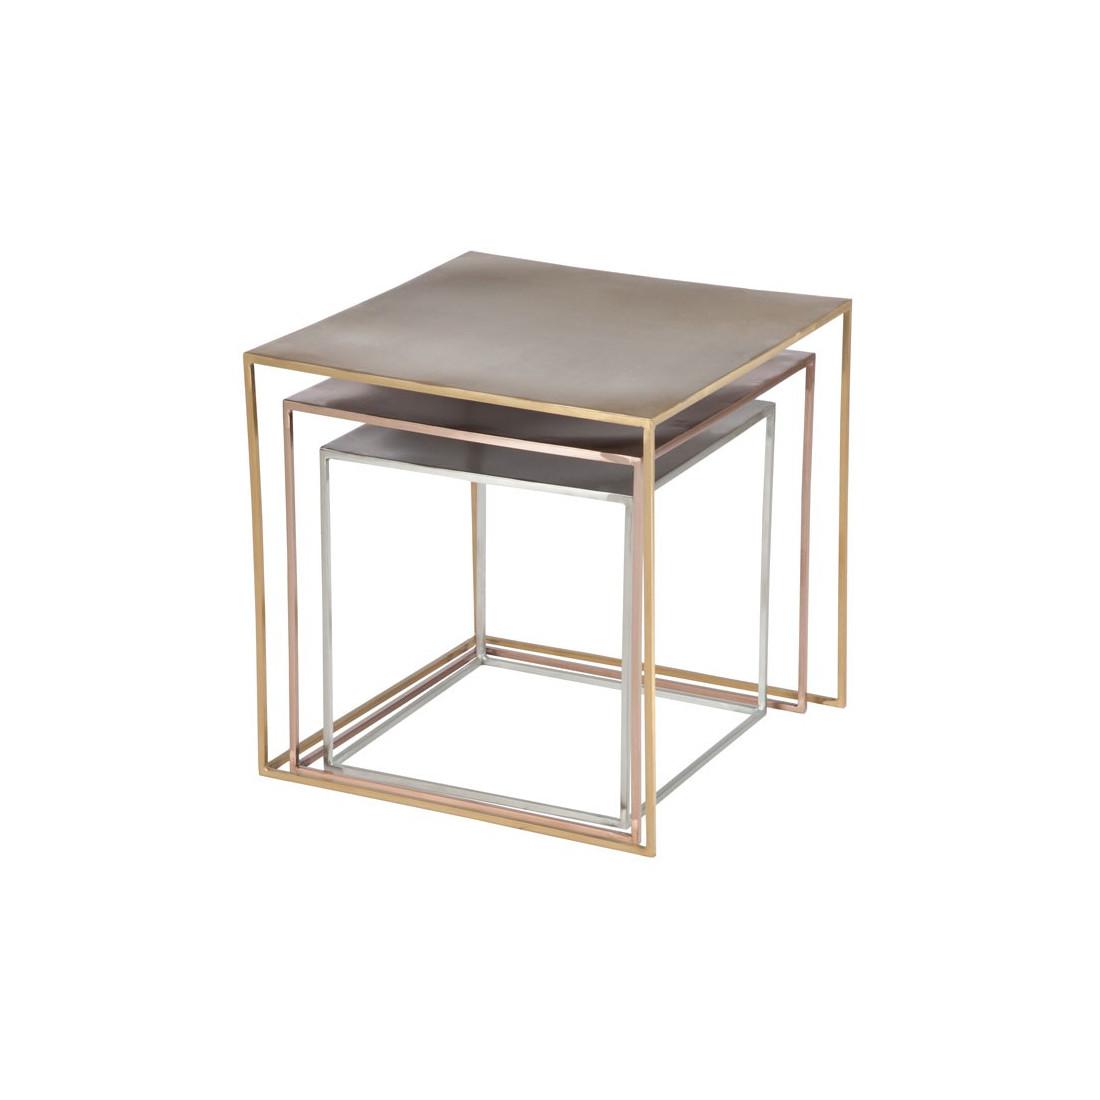 tables gigogne argent or cuivre carr es bisco univers. Black Bedroom Furniture Sets. Home Design Ideas